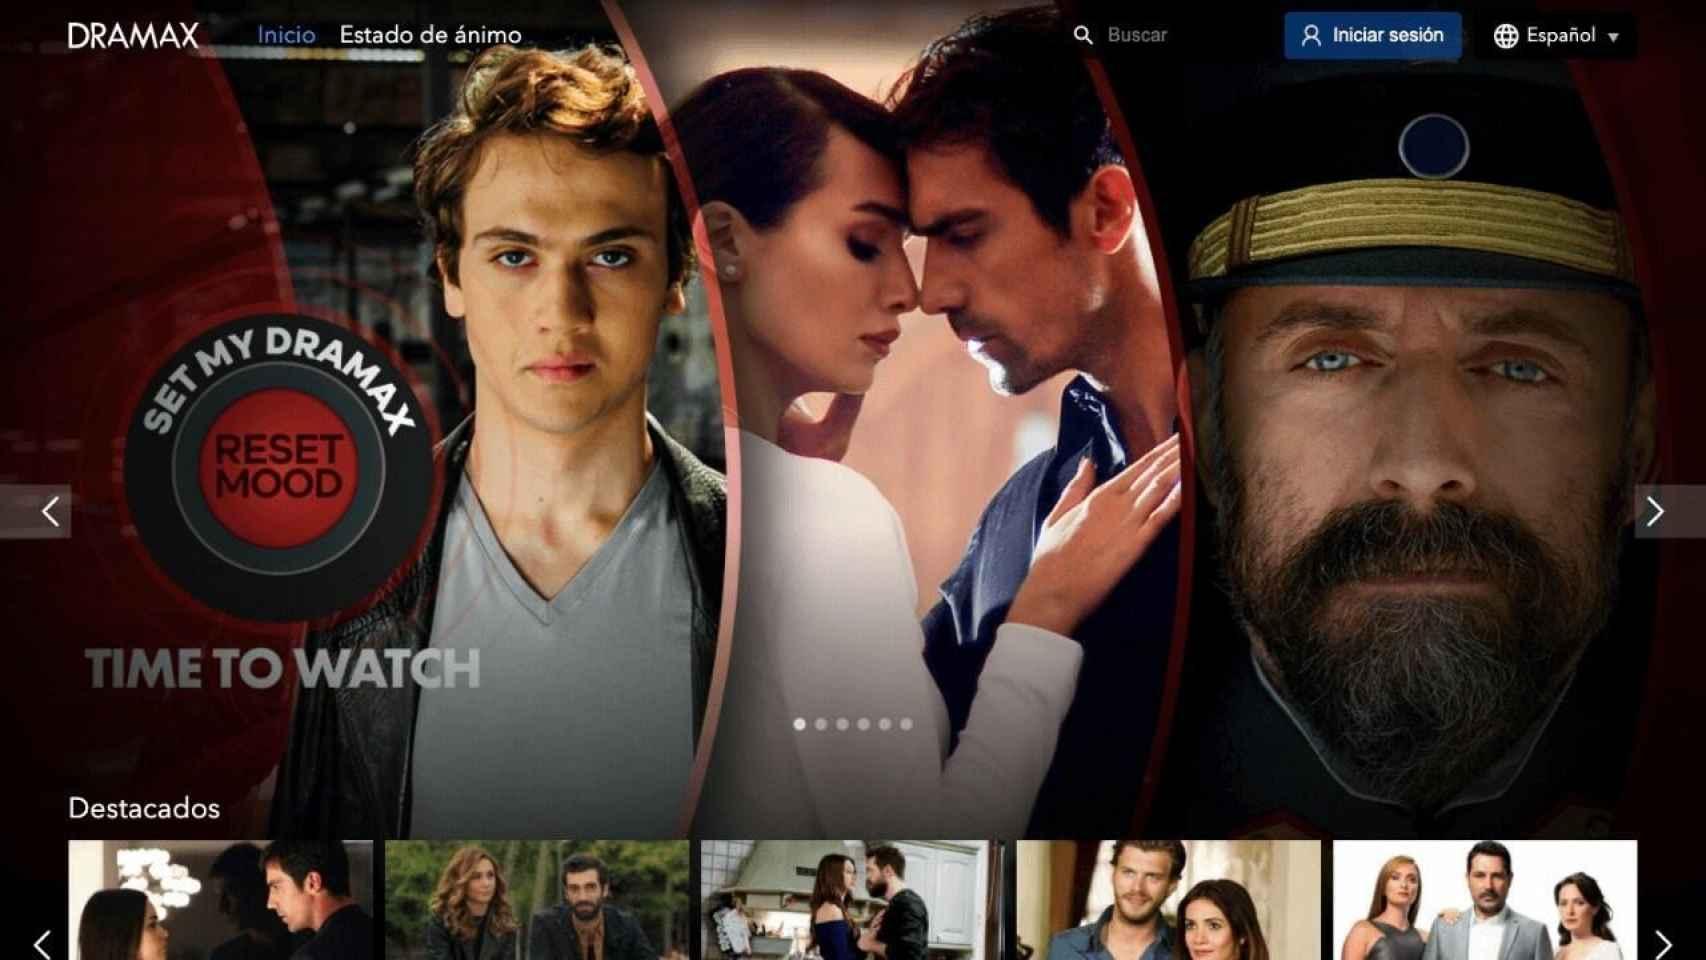 Demirören Medya lanza Dramax, una plataforma de series turcas para todo el mundo